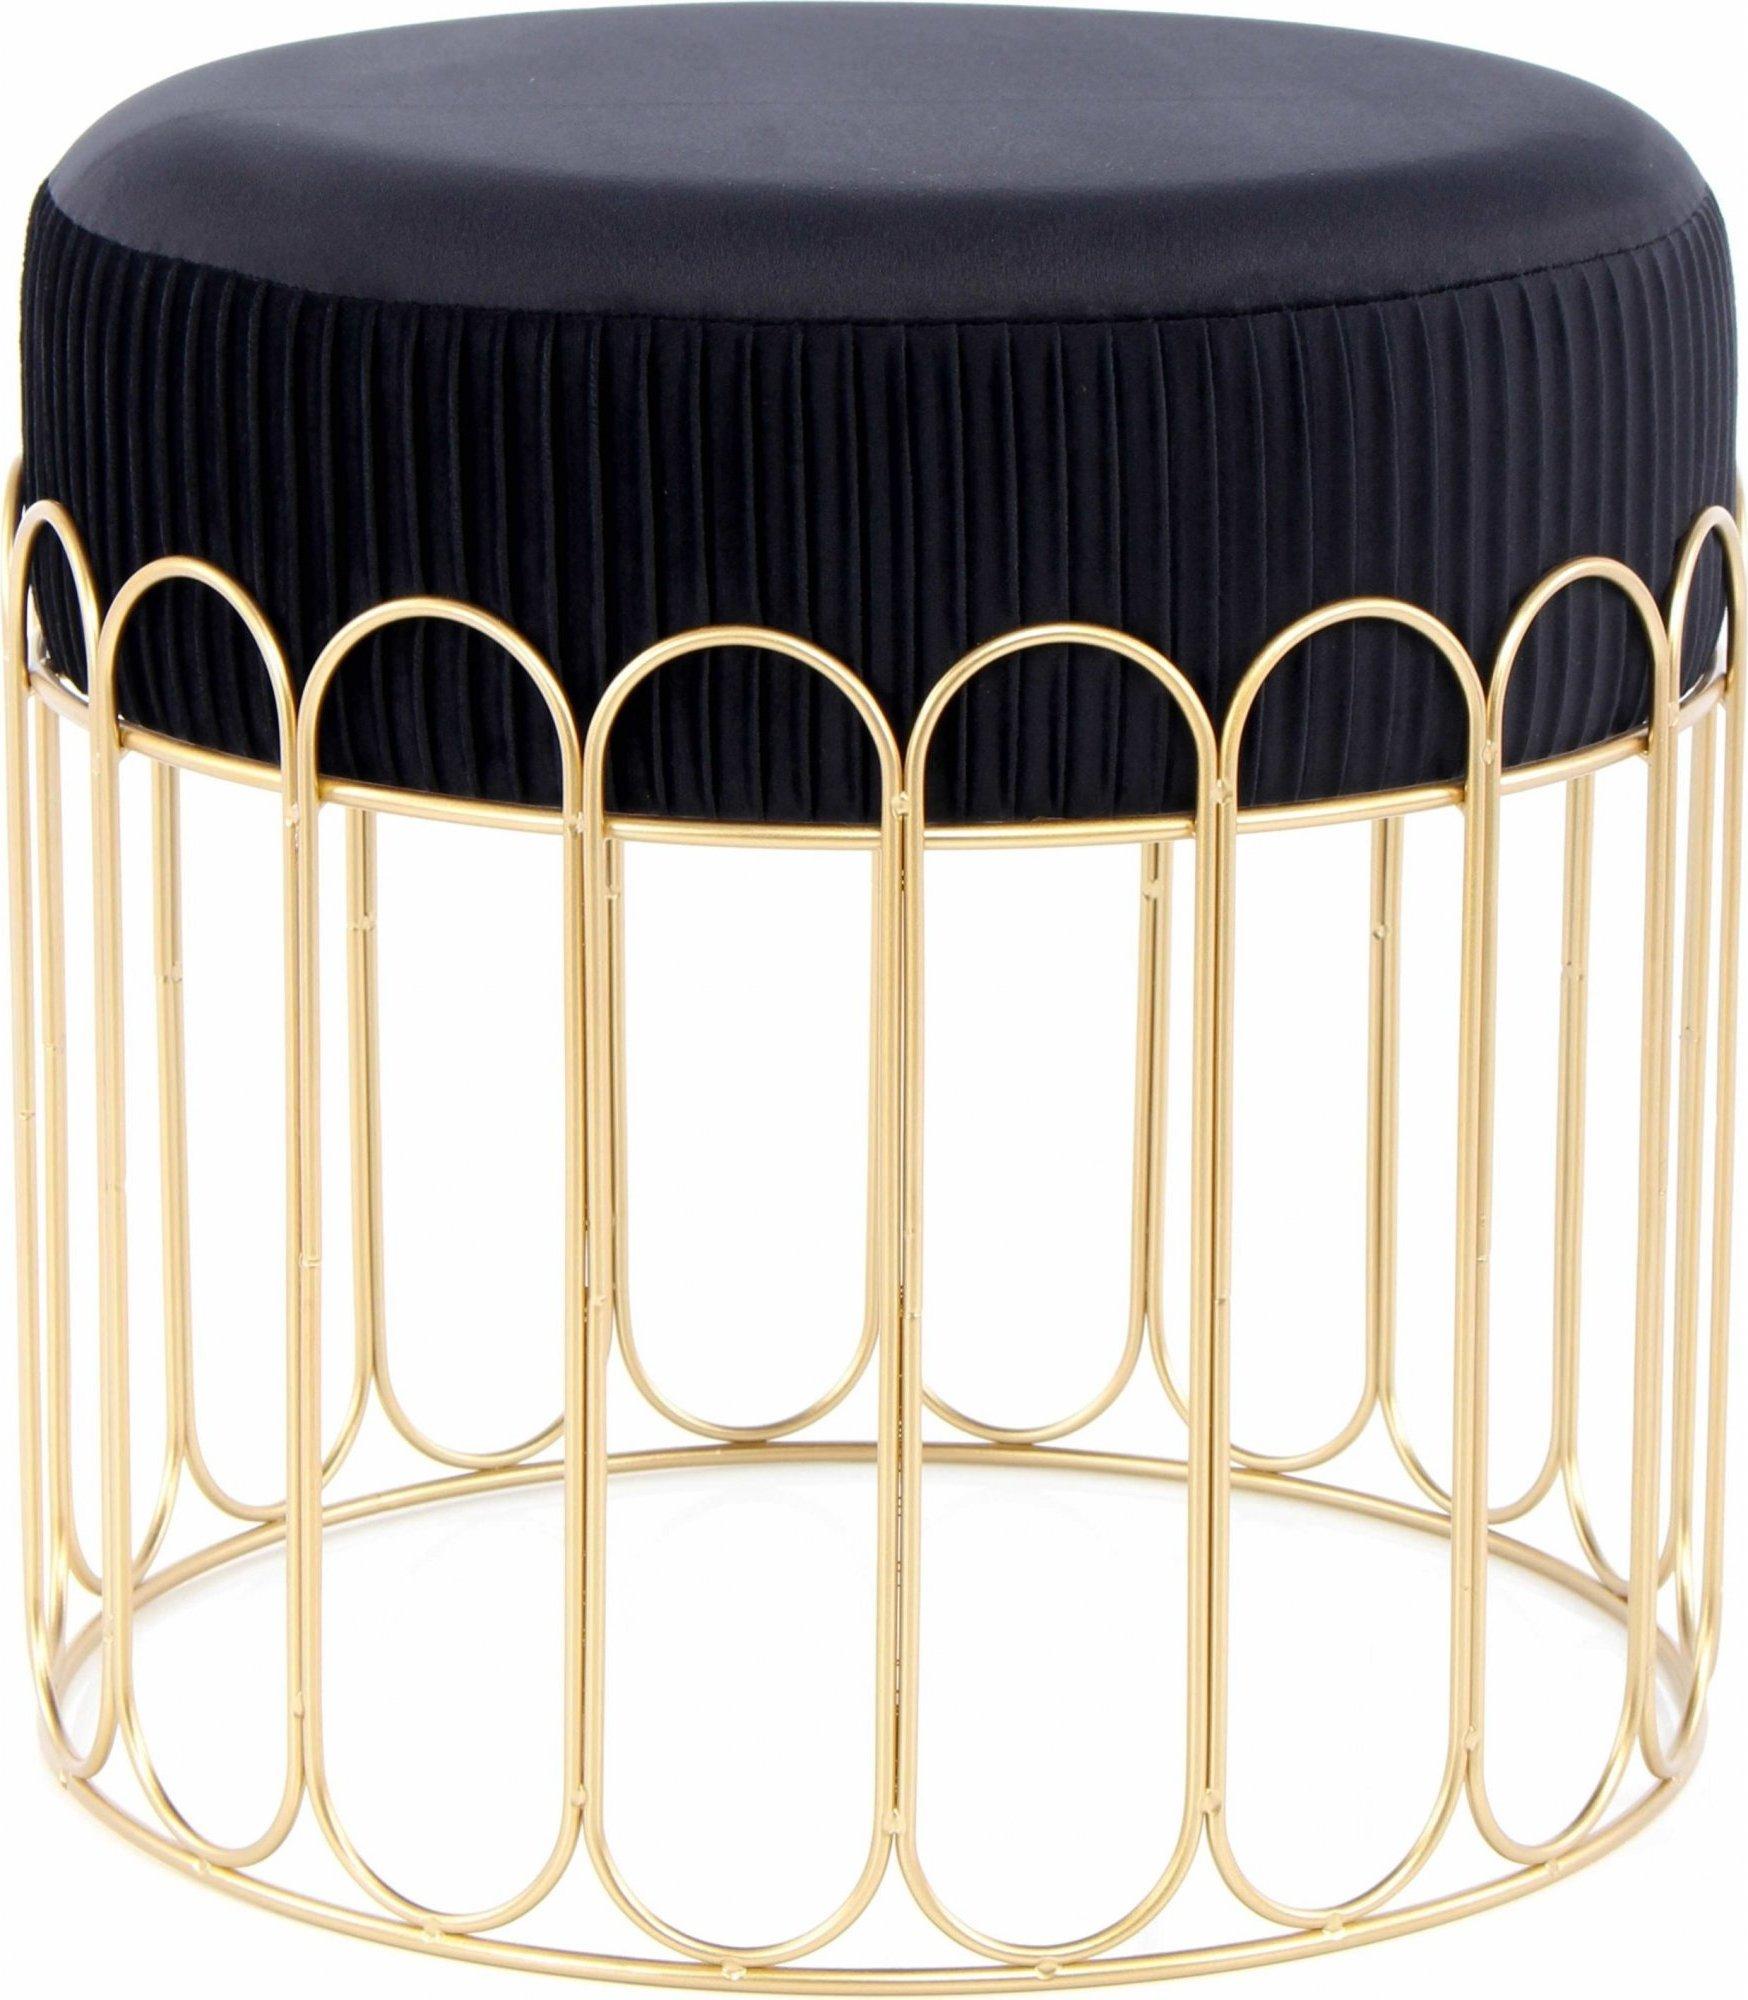 Tabouret assise rembourrée couleur noir et doré h40cm